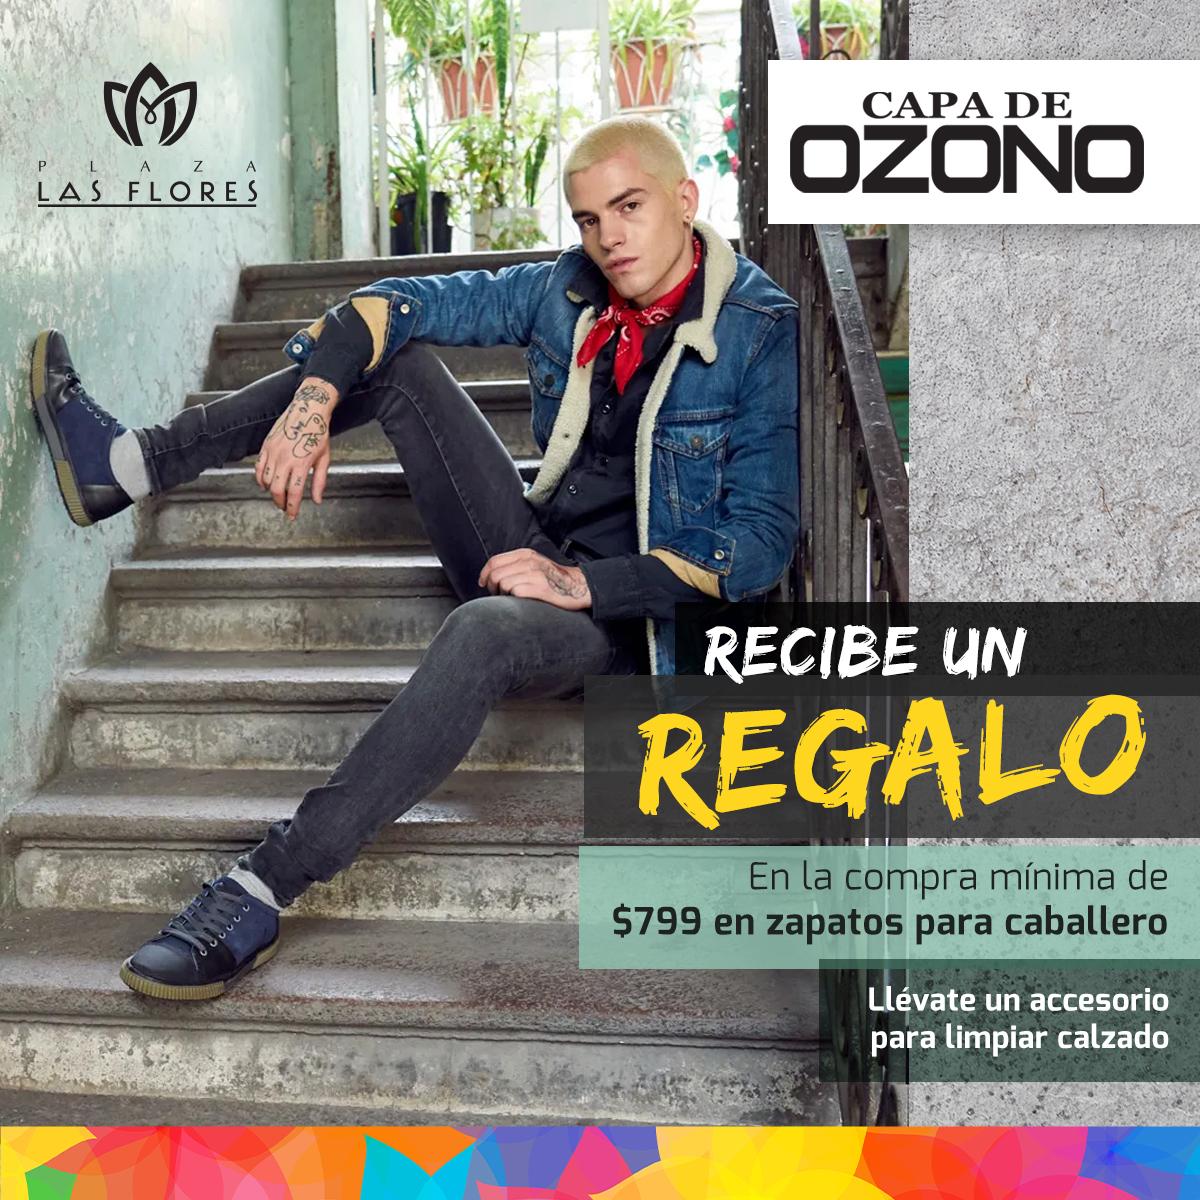 LasFlores-Ofertas-CapaOzonoCaballero copy